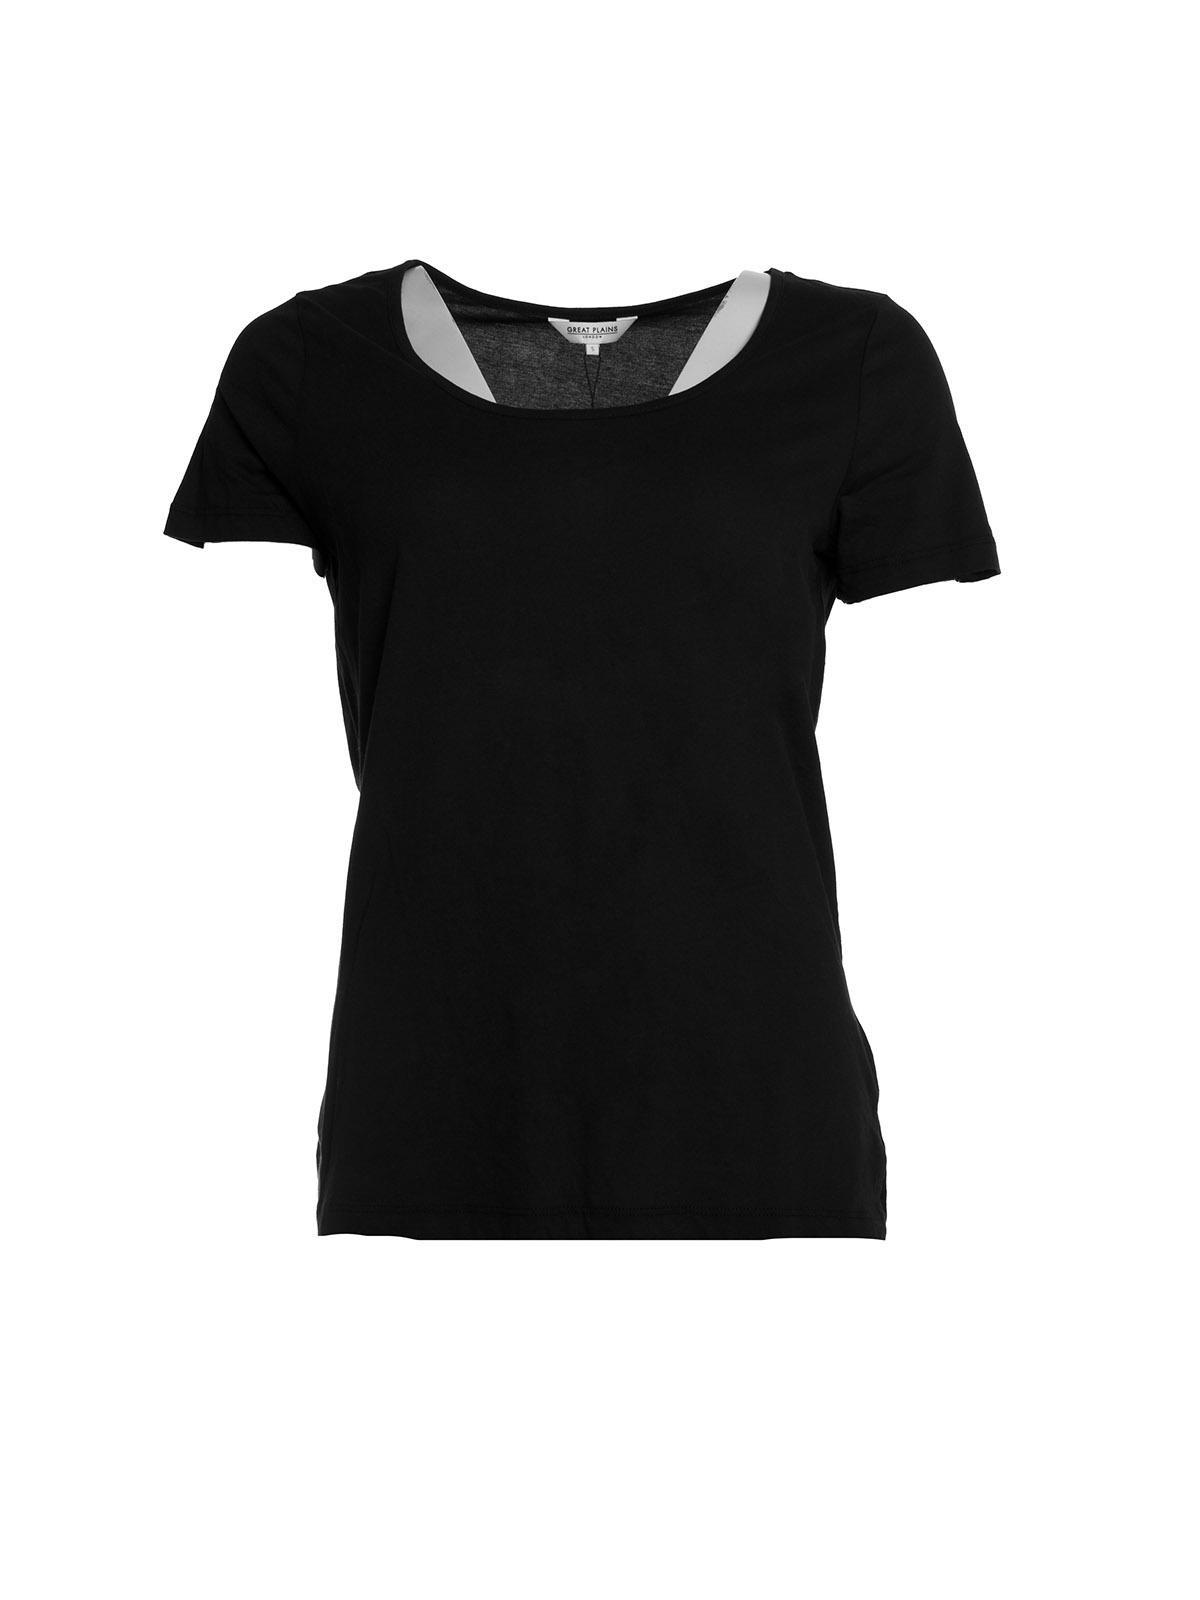 b8e37a8941 Essentials Boyfriend T-shirt Black